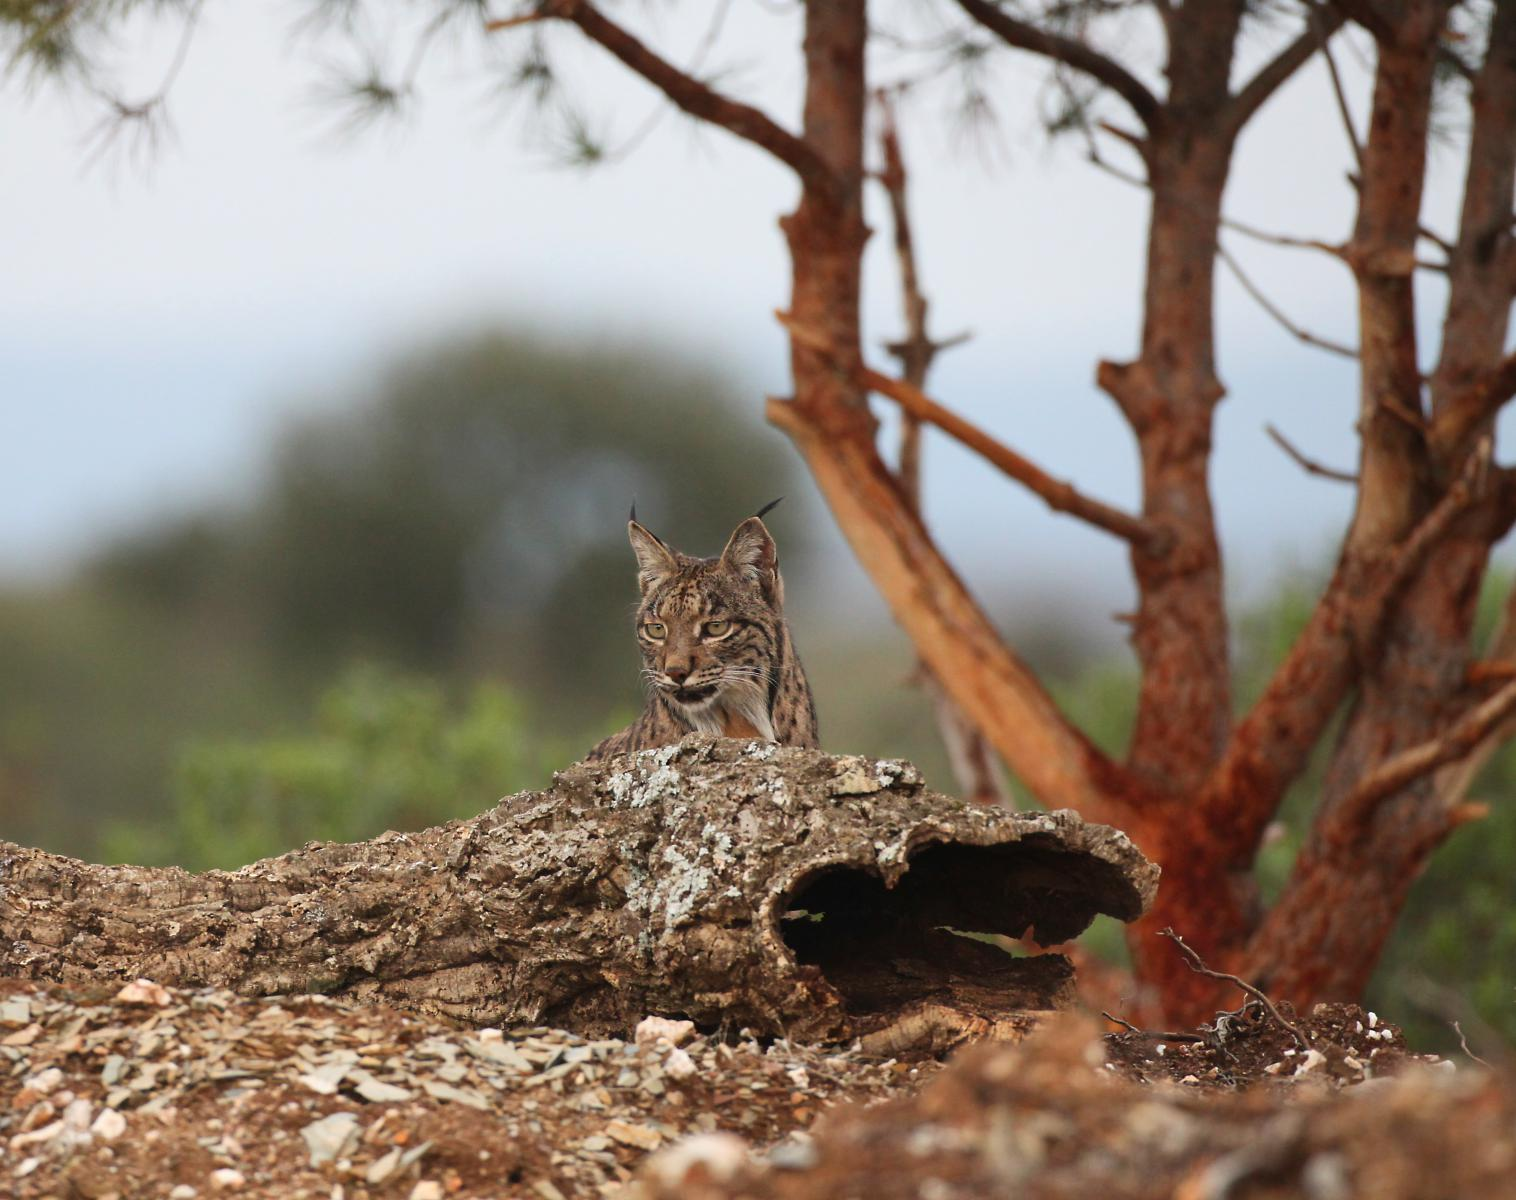 Espagne  Lynx ibérique : affûts photo exclusifs   Photo Observation nature